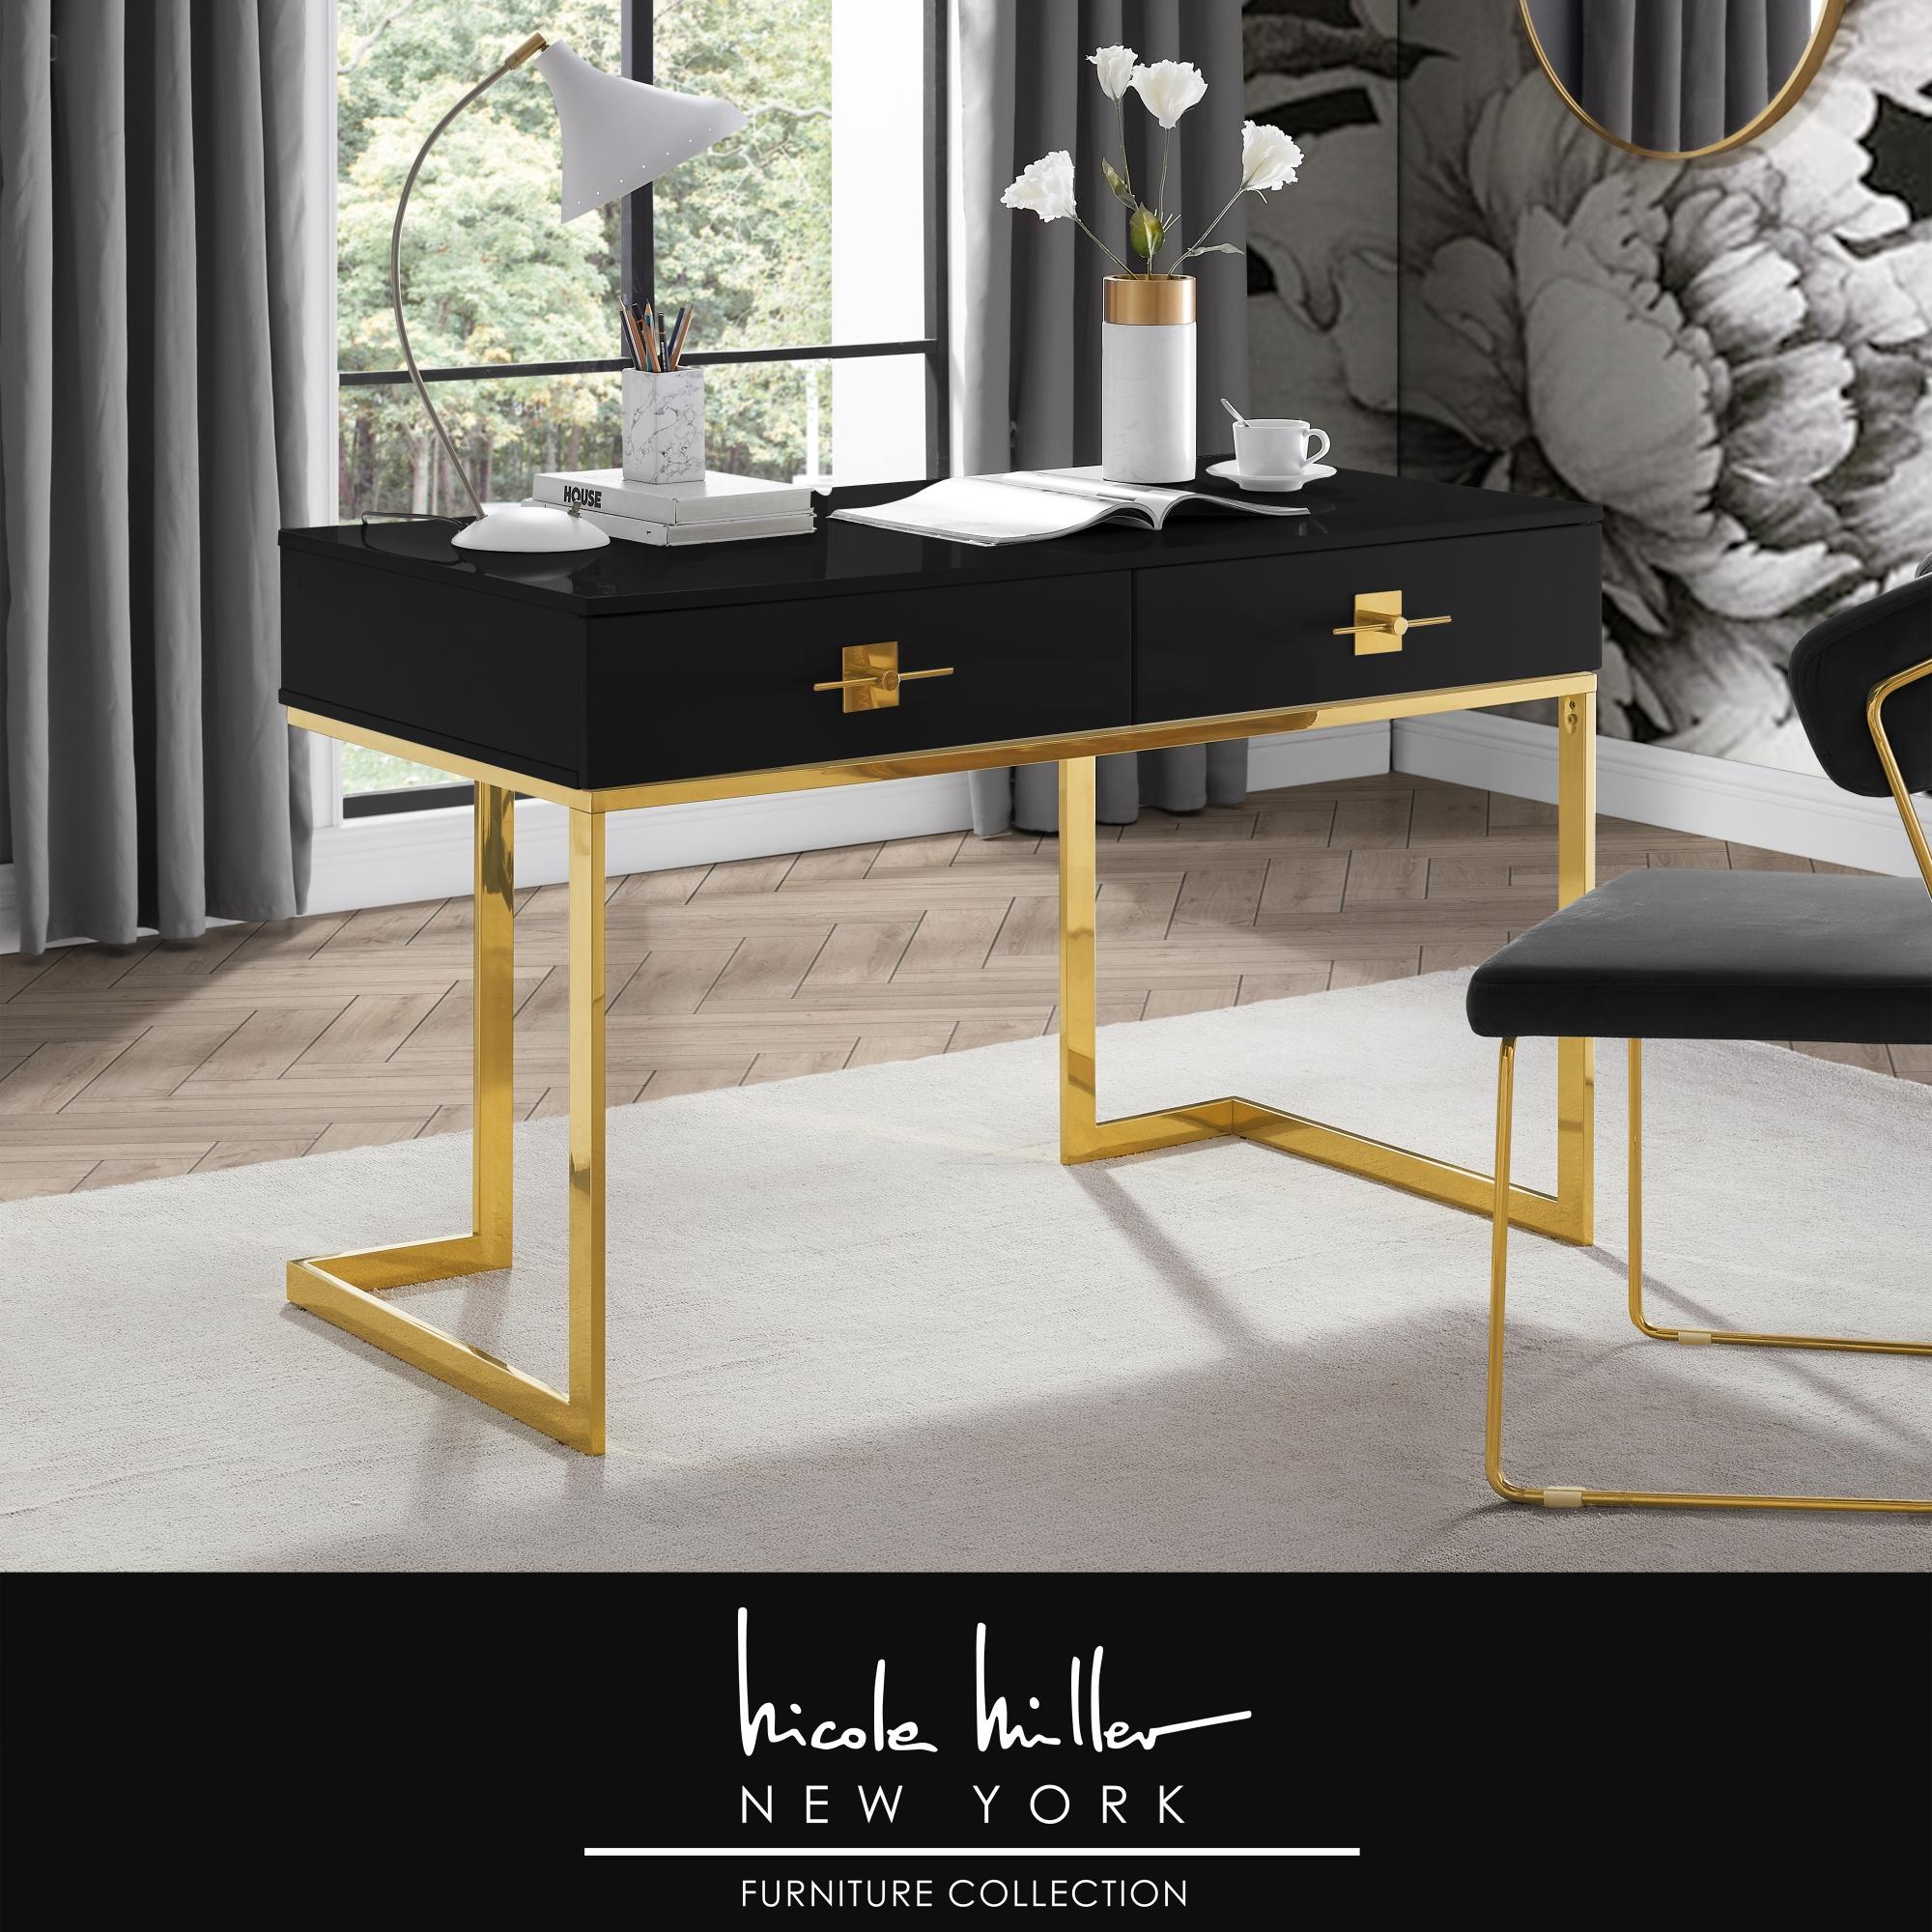 Nicole Miller Black/Gold Desk 1 Drawer 3 Shelves Hight Gloss Lacquer Finish